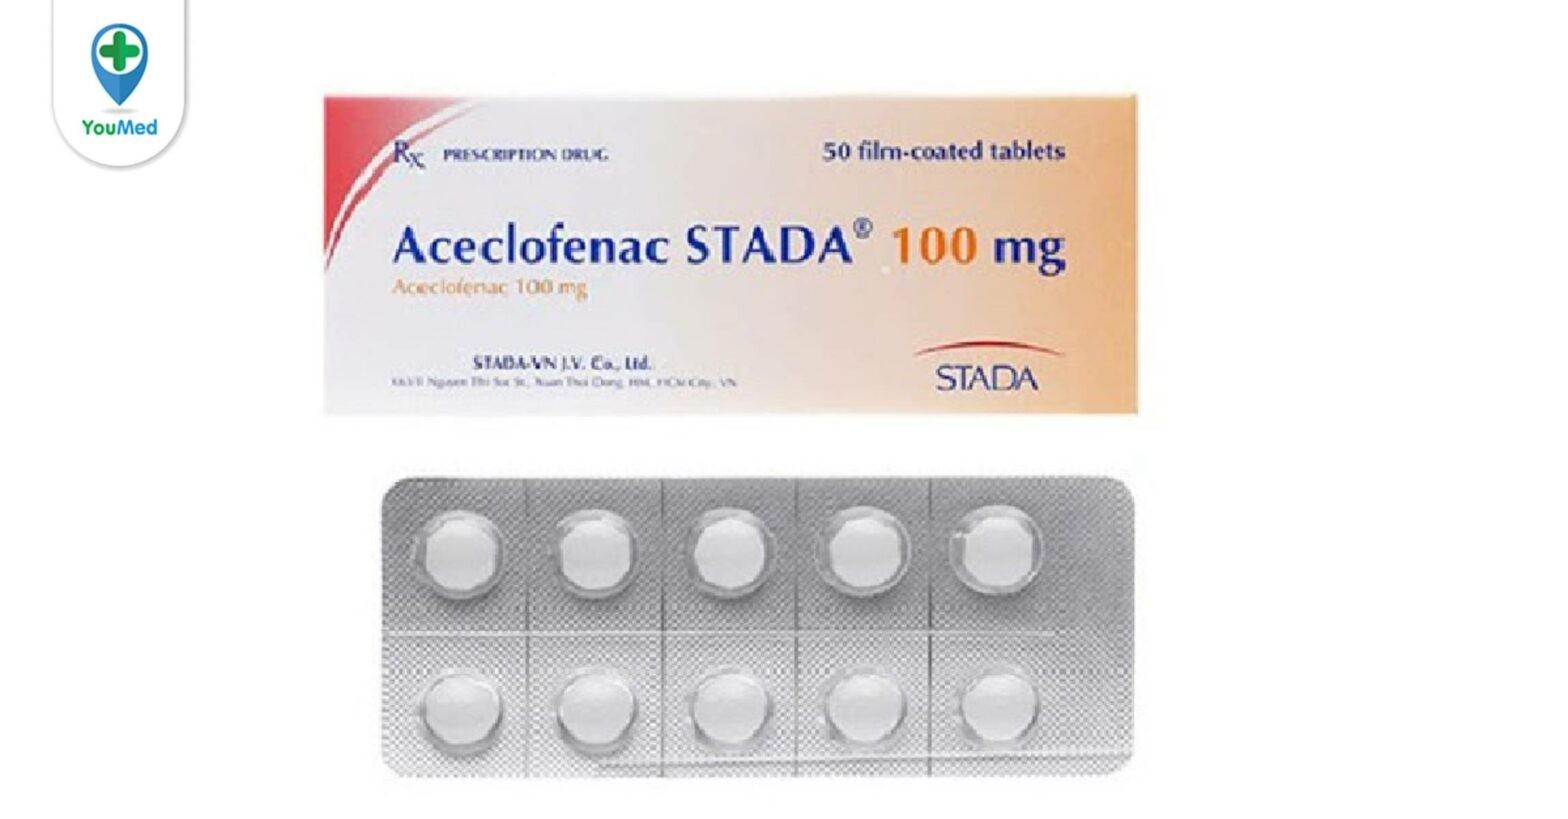 Aceclofenac STADA 100mg là thuốc gì? giá, công dụng, cách dùng hiệu quả